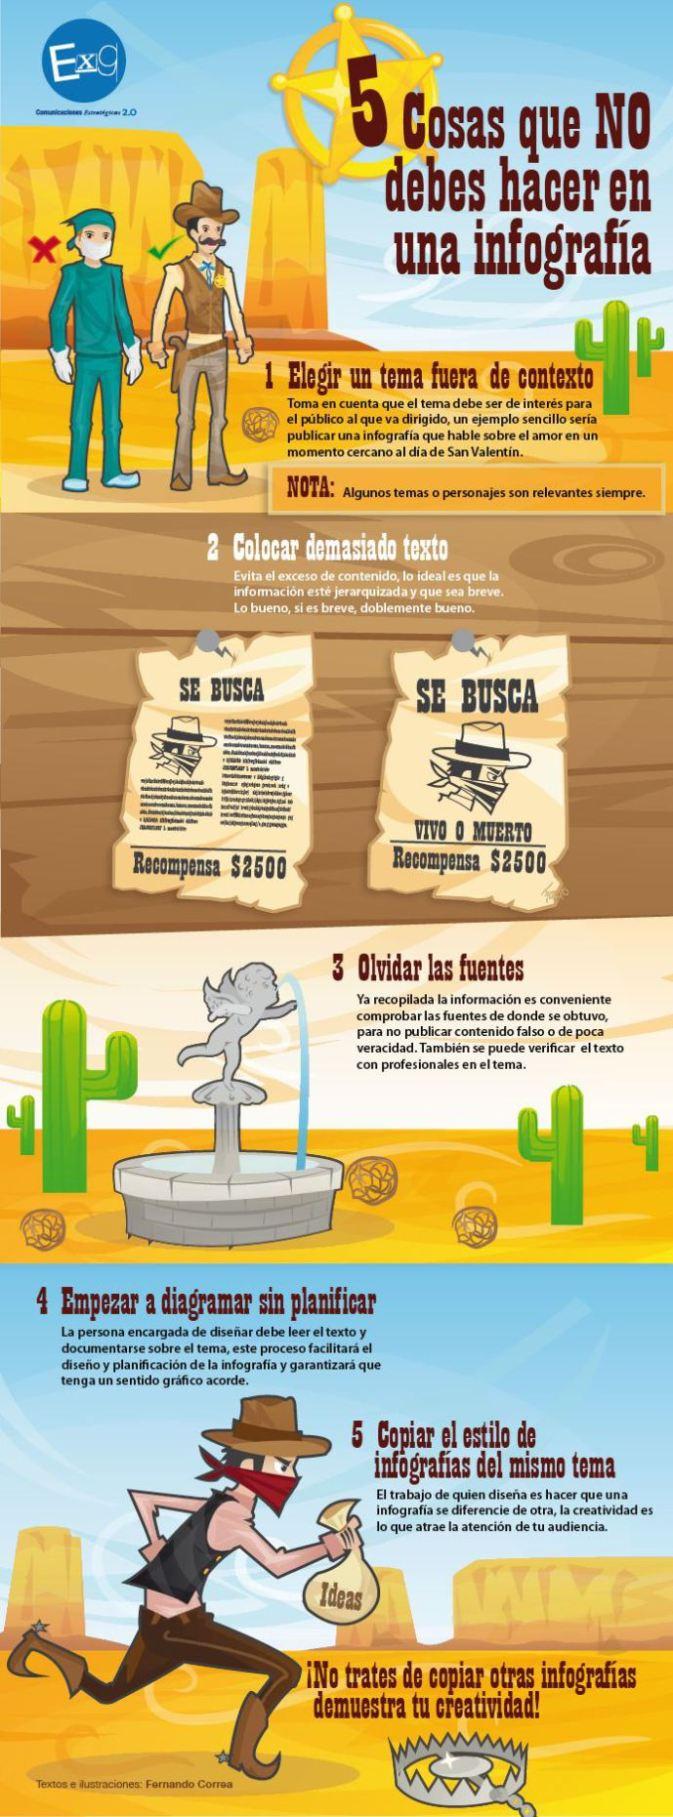 Infografías5CosasDebesEvitarConstruirlas-Infografía-BlogGesvin